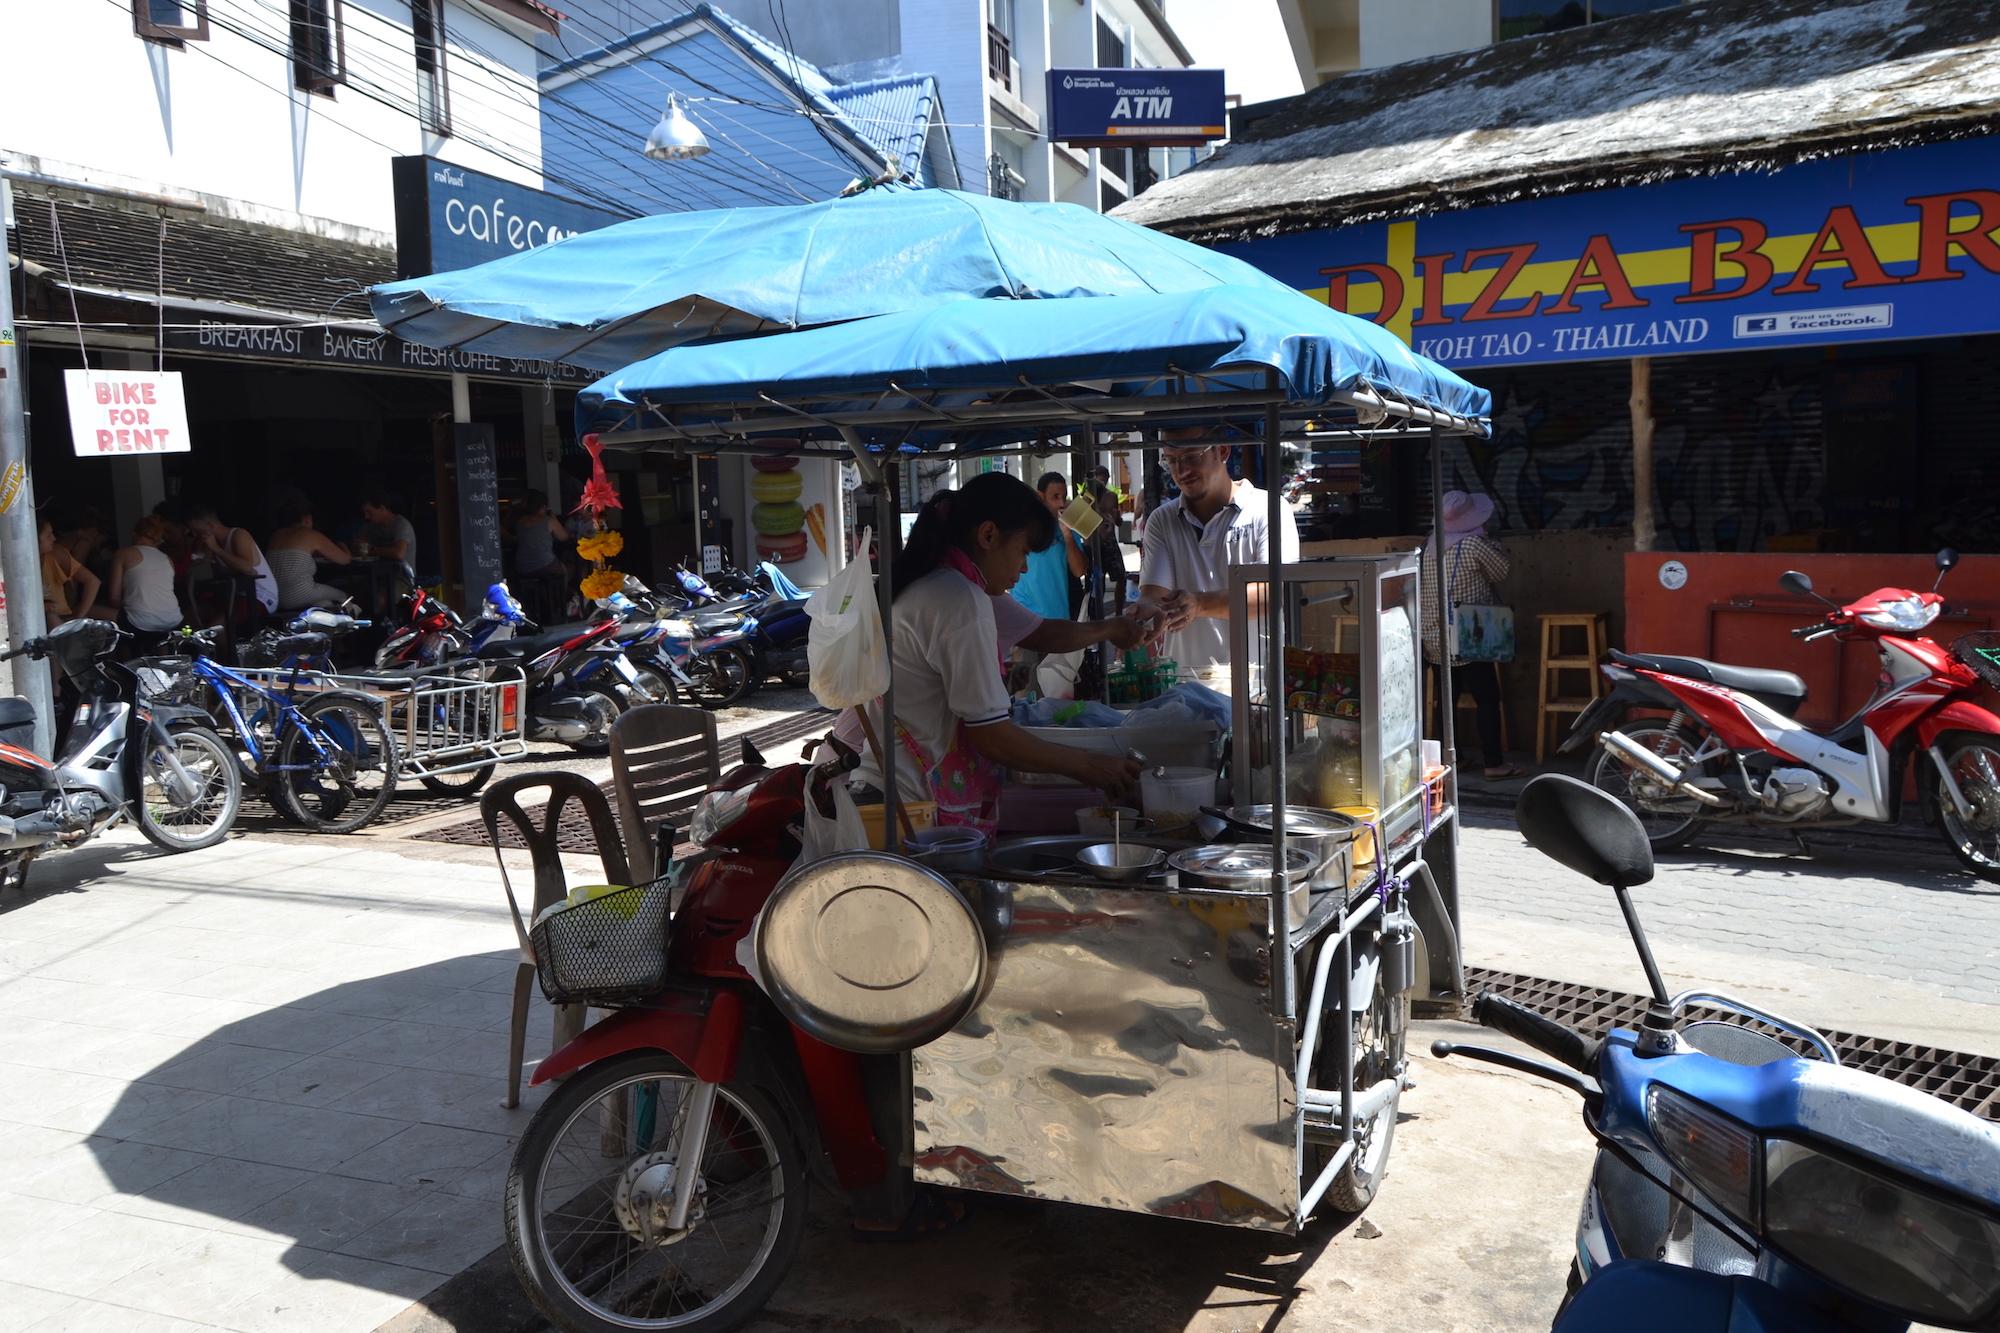 Noodle soup Koh Tao